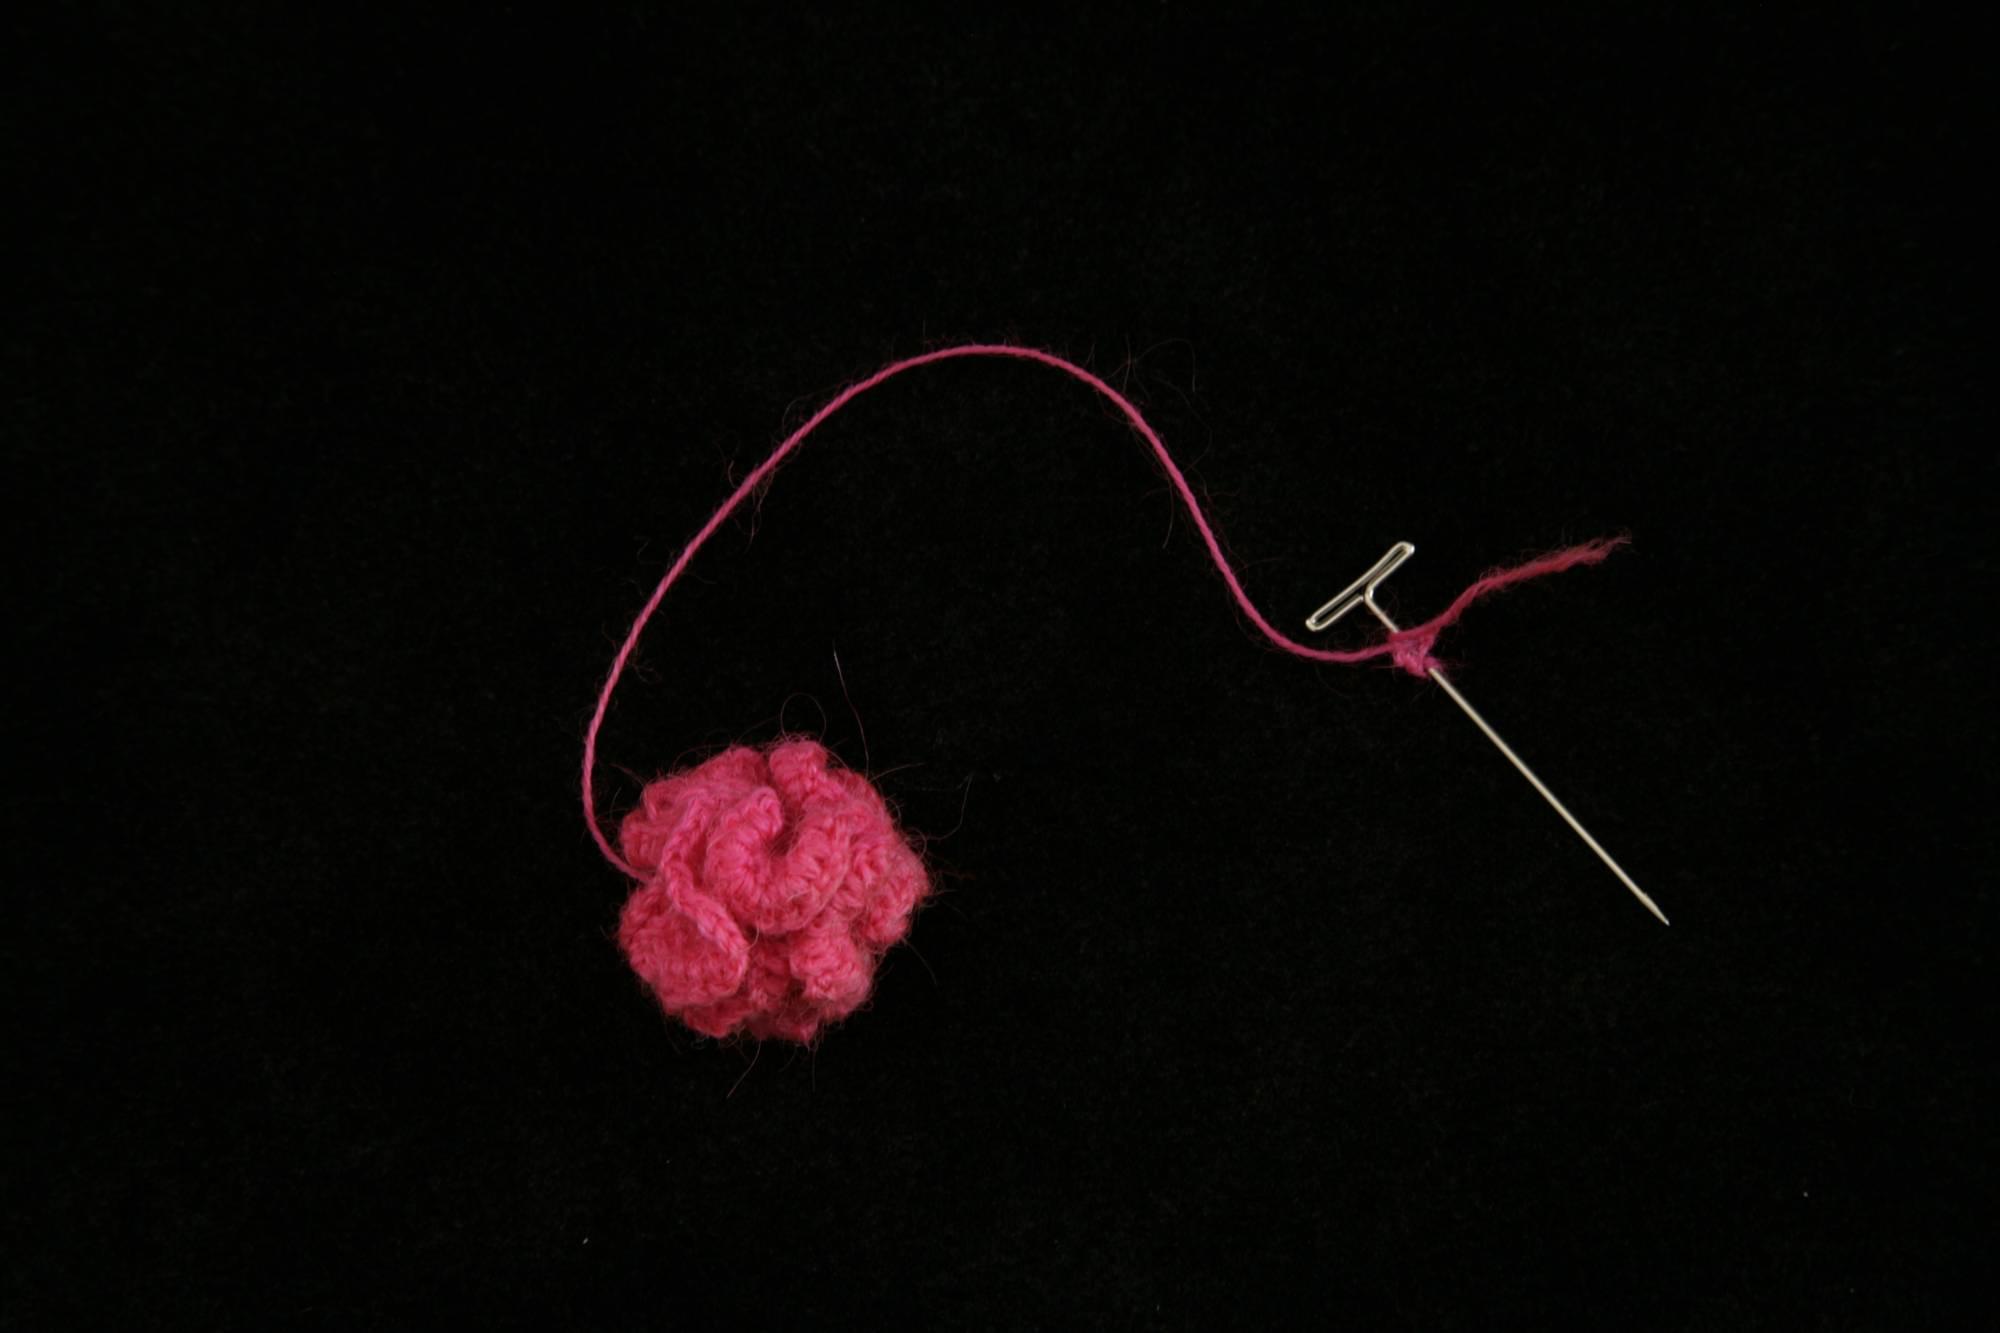 Crochet sculpture